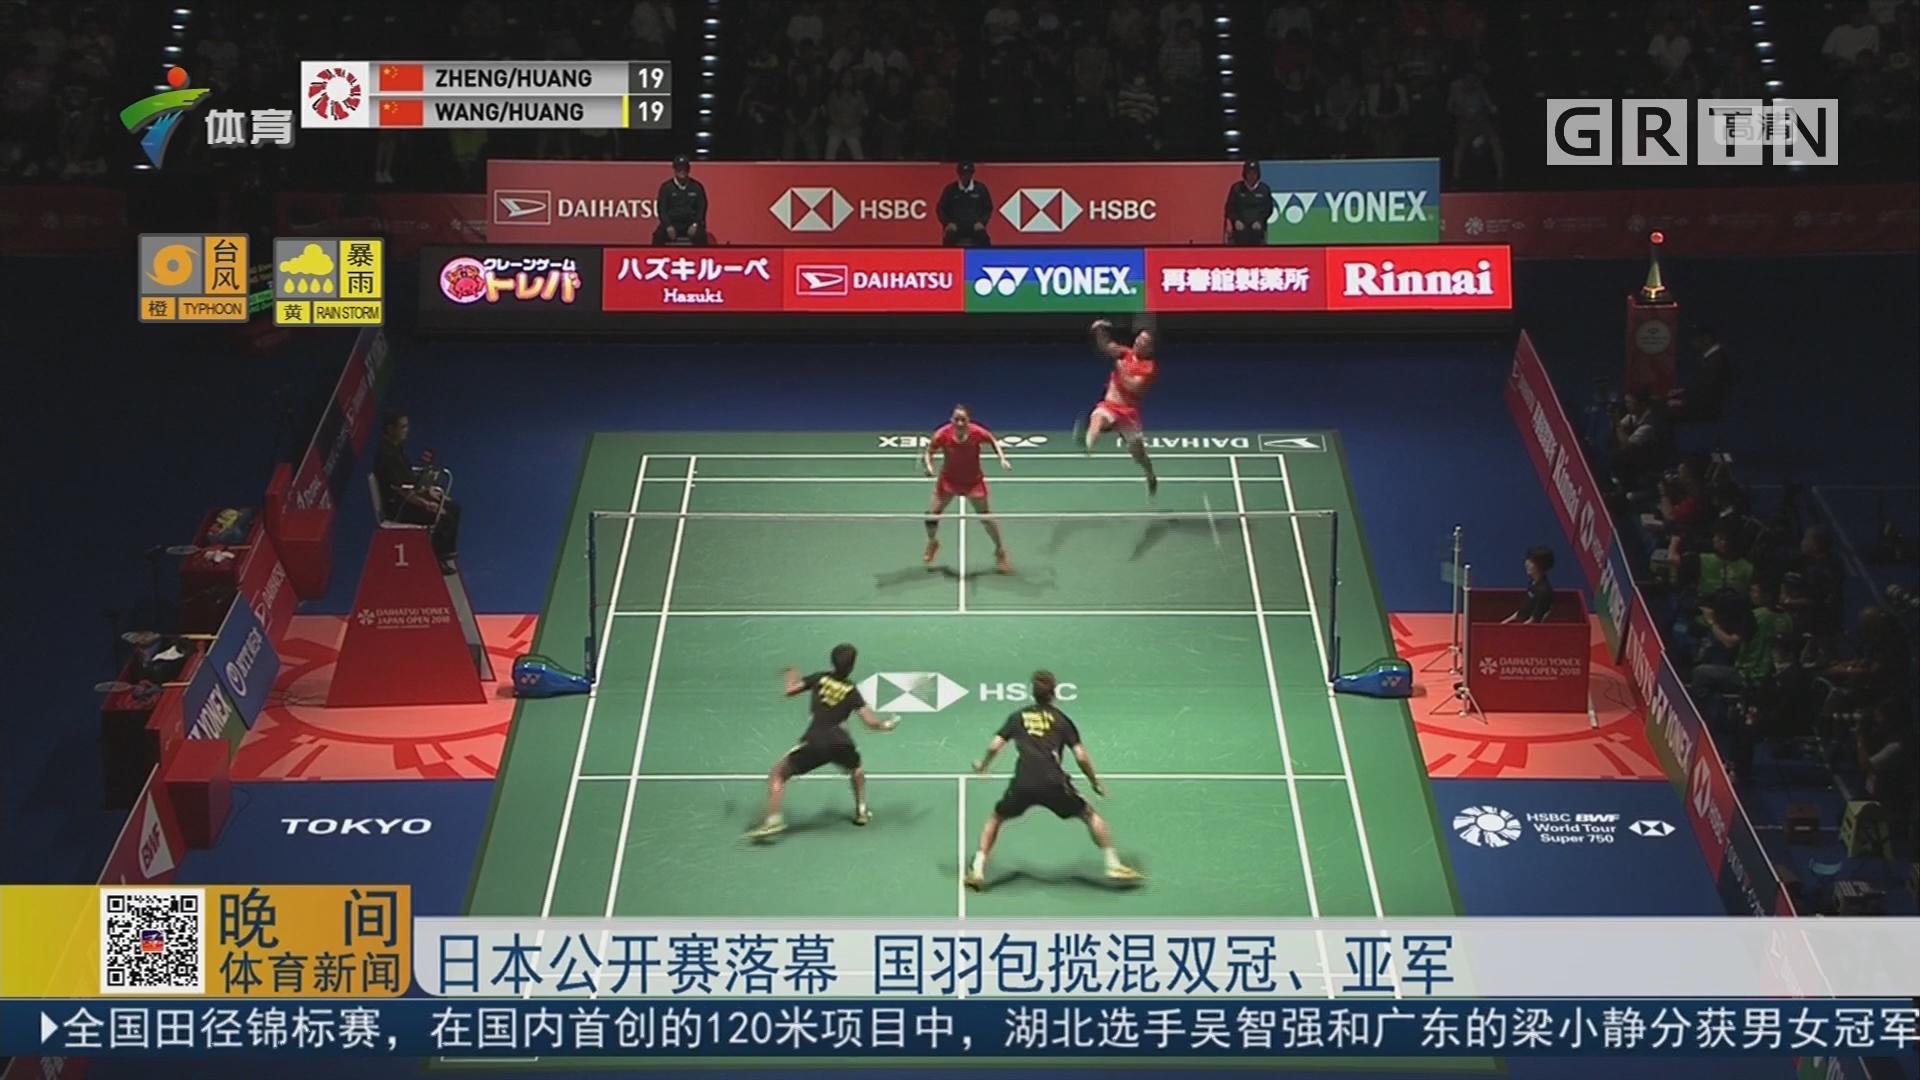 日本公开赛落幕 国羽包揽混双冠、亚军